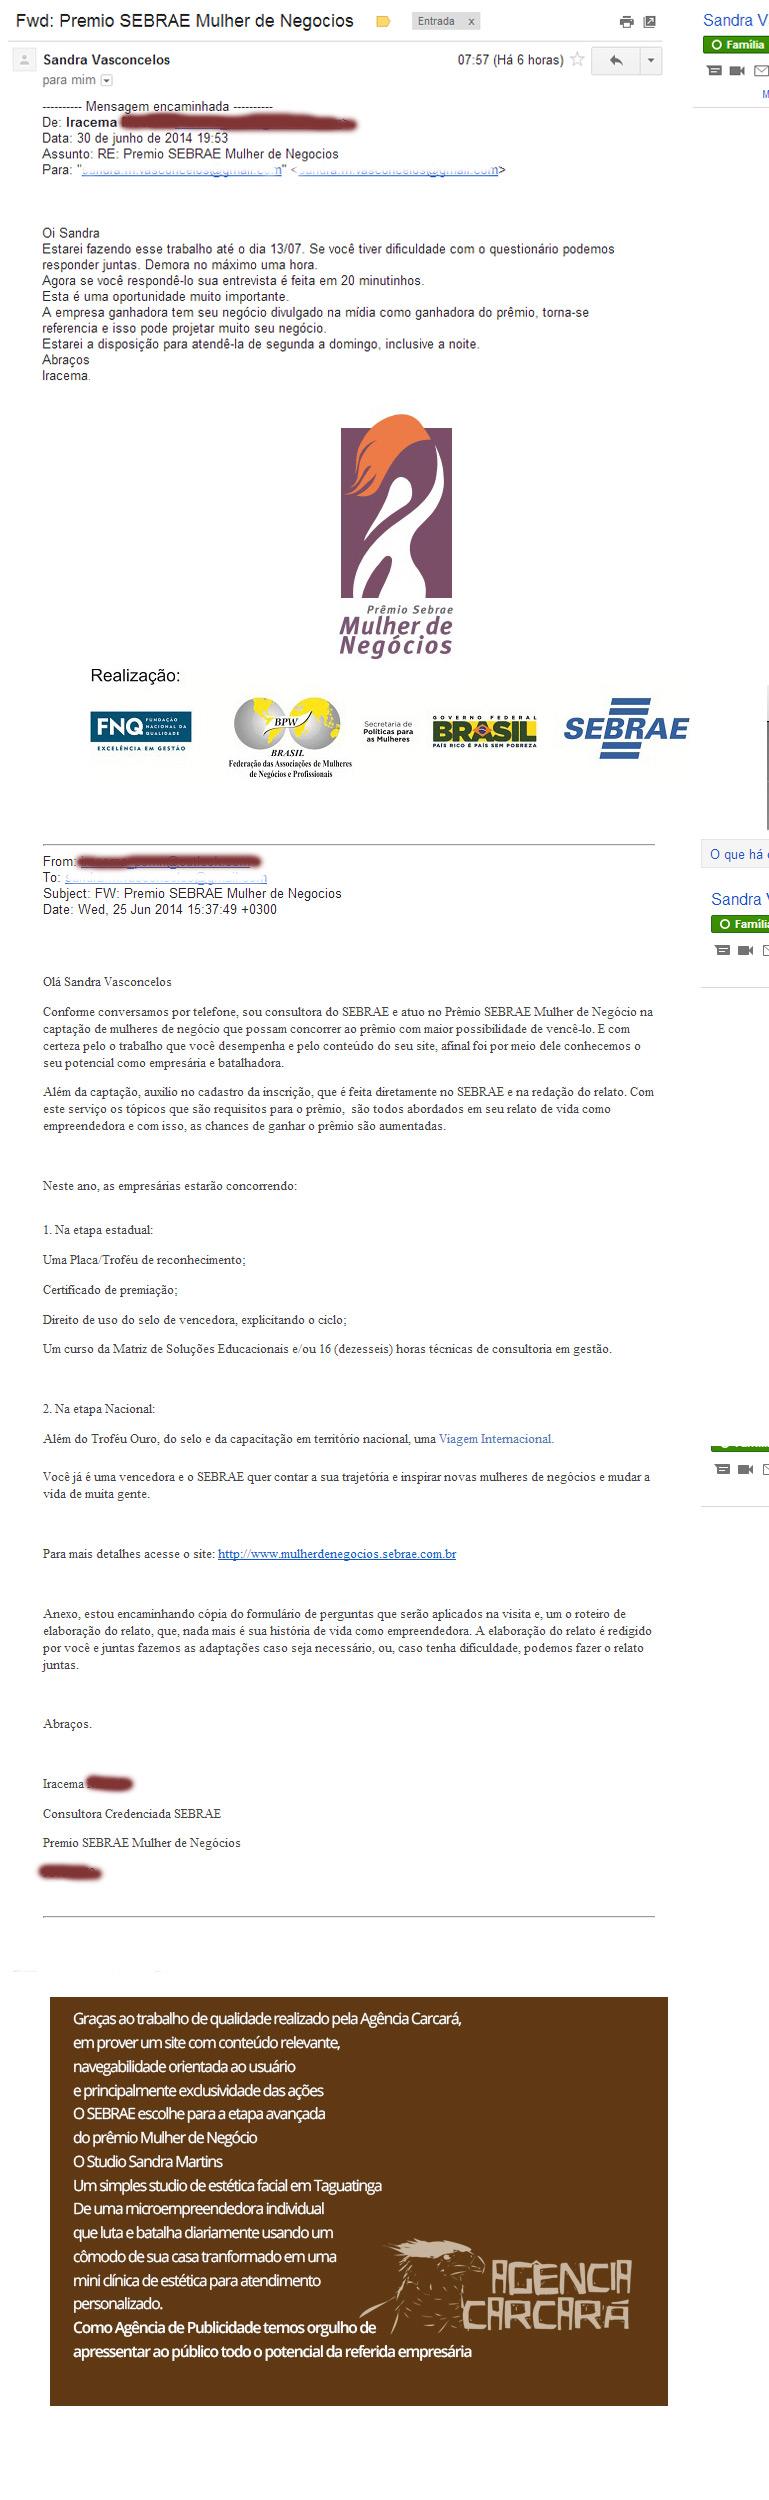 Studio-Sandra-Martins-participa-do-premio-mulher-de-negocio-df-dois